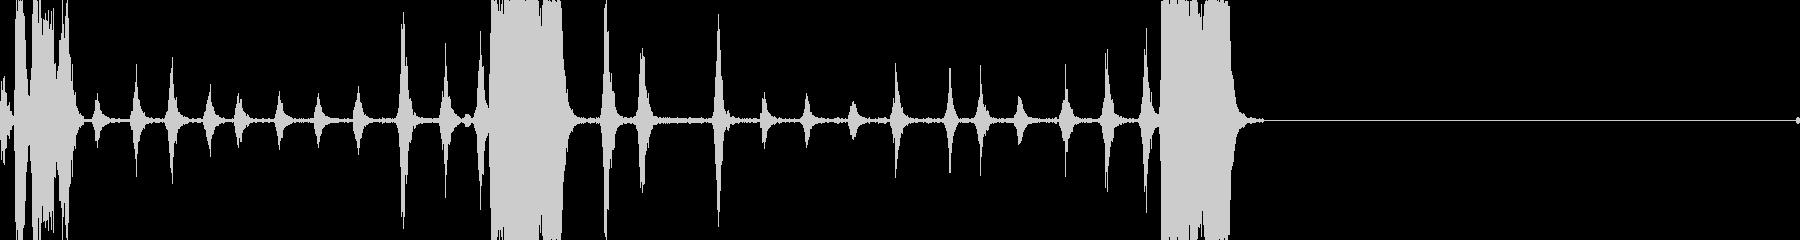 ヘン、カチカチ; DIGIFFEC...の未再生の波形